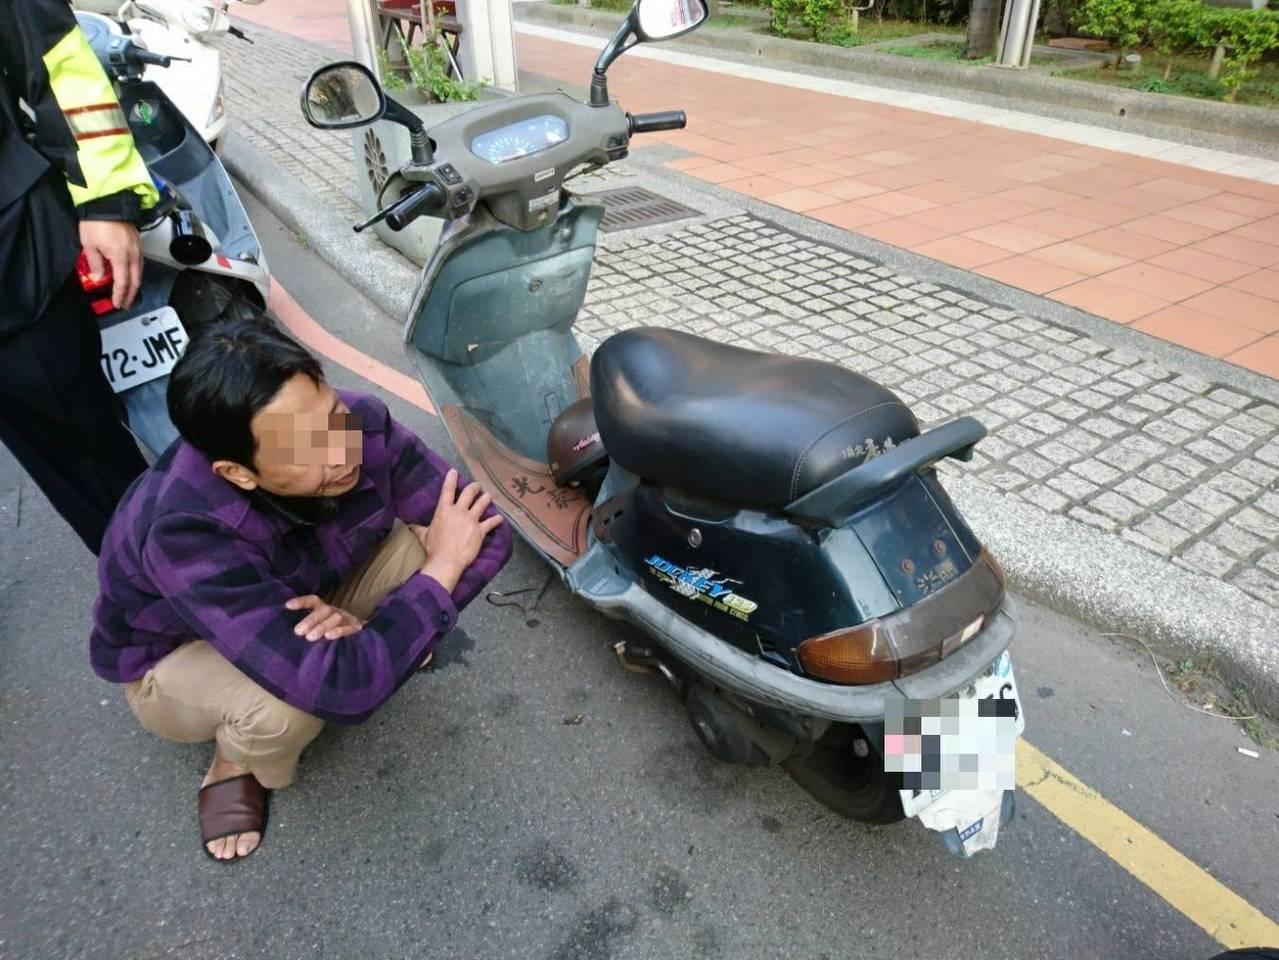 男子涉嫌偷機車,台中警方當街逮捕。記者游振昇/翻攝